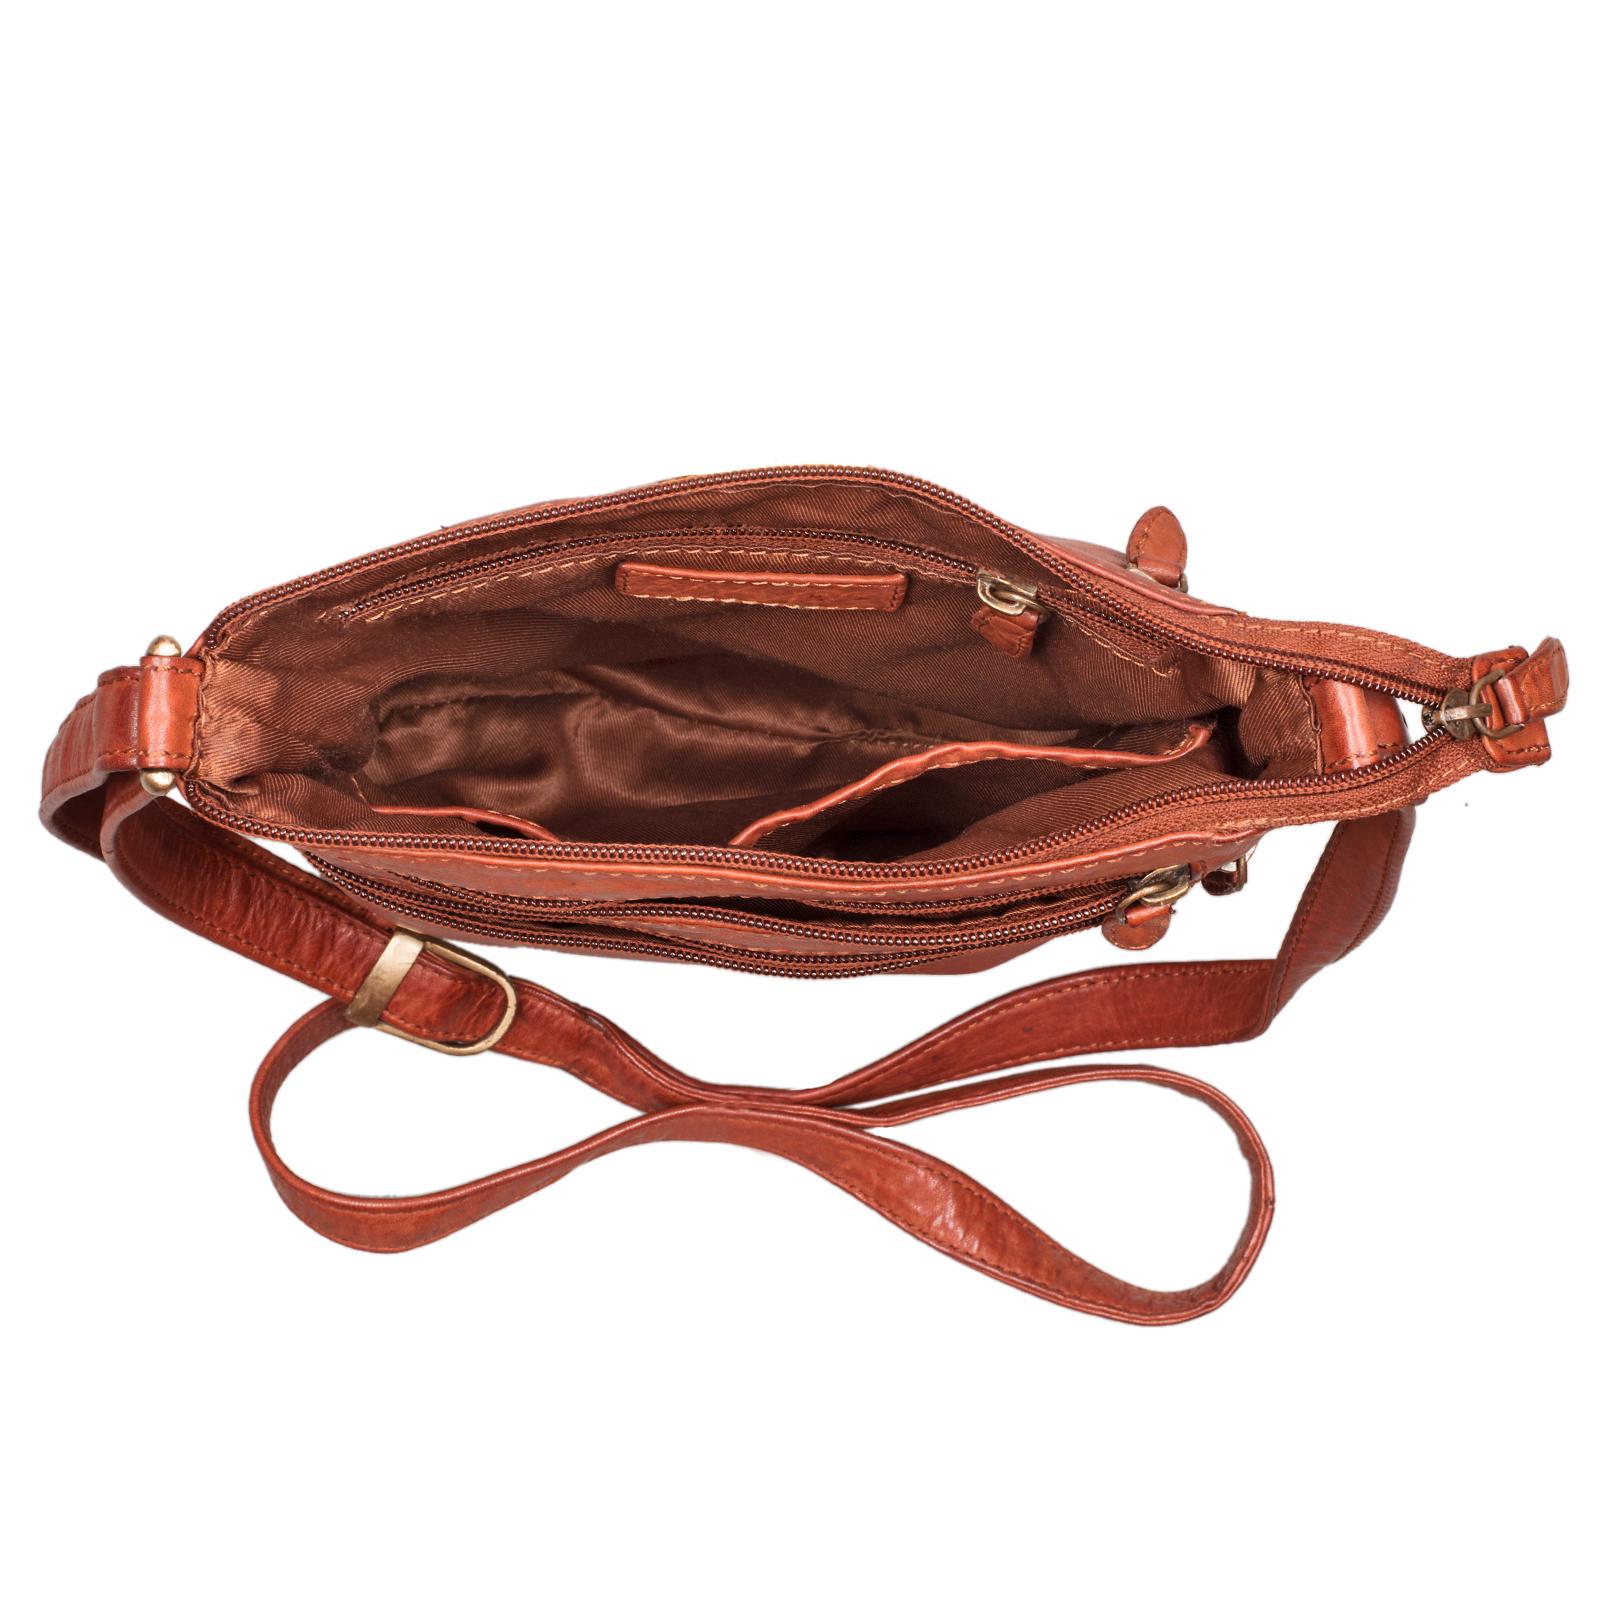 Leder Handtasche für Frauen braun